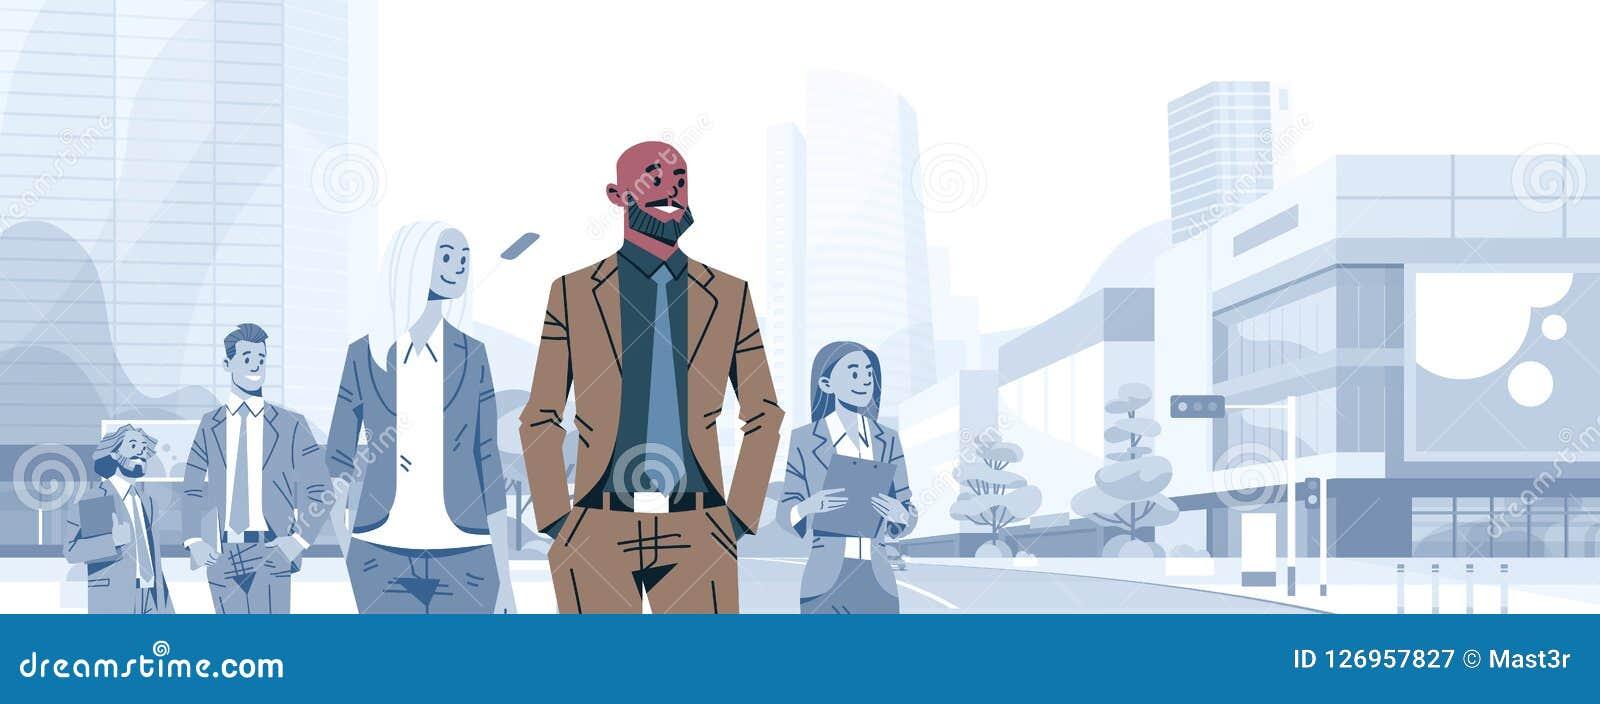 Οι φαλακροί επικεφαλής επιχειρηματιών επιχειρηματίες διαχωρισμών αρχηγών ομάδας κύριοι ομαδοποιούν τα μεμονωμένα αρσενικά κινούμε